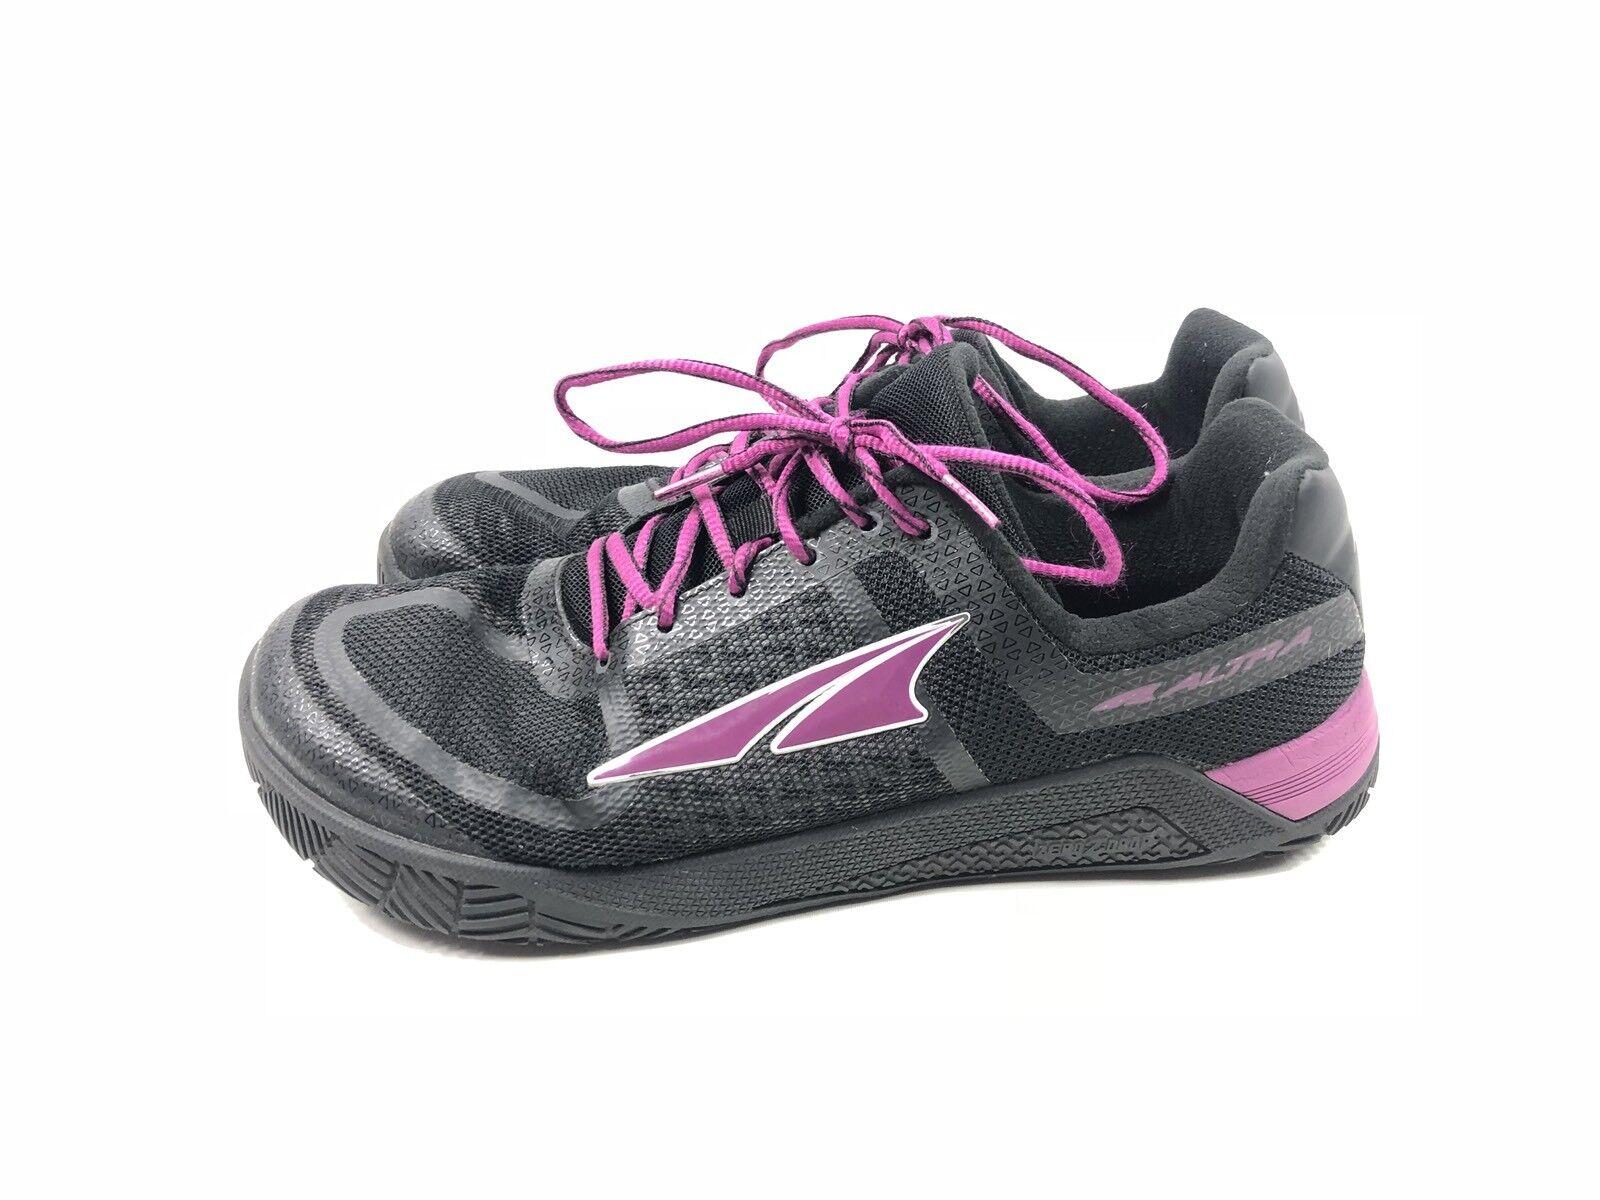 Altra Footwear Women's Hiit XT Black Purple Training shoes Size 9.5